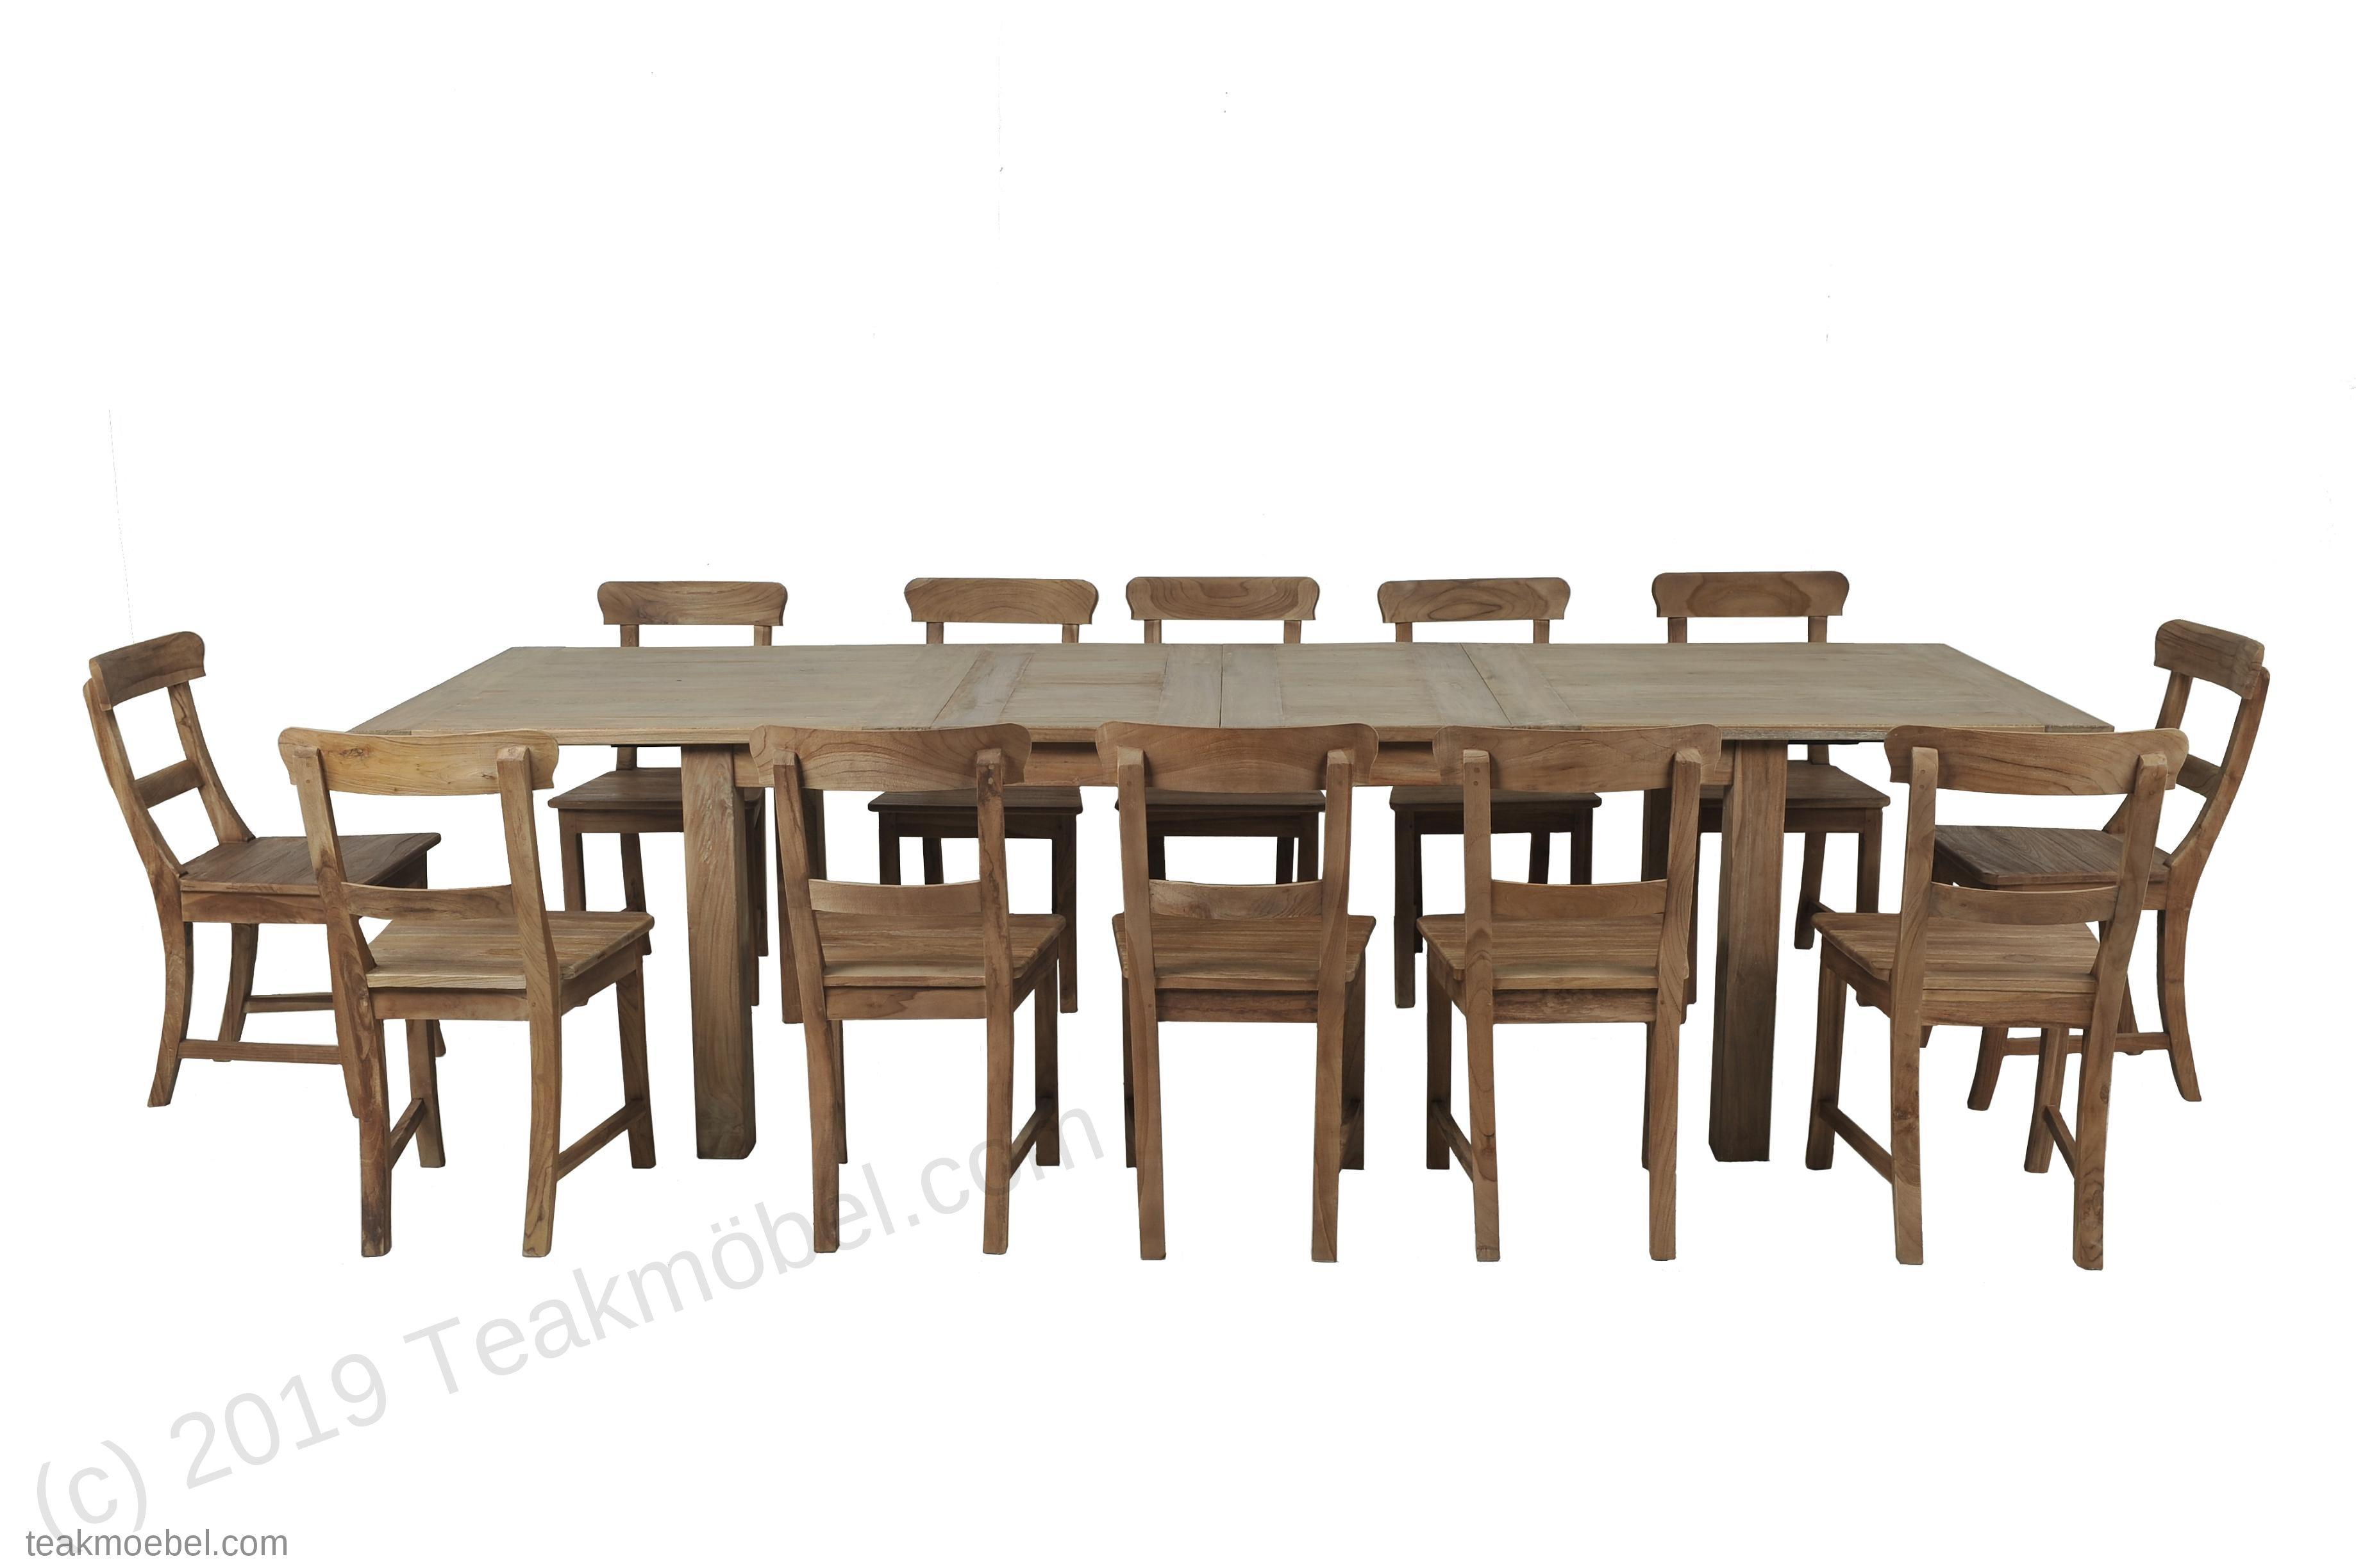 Teak Esstisch Ausziehbar 50-50-50x50 + 50 Stühle